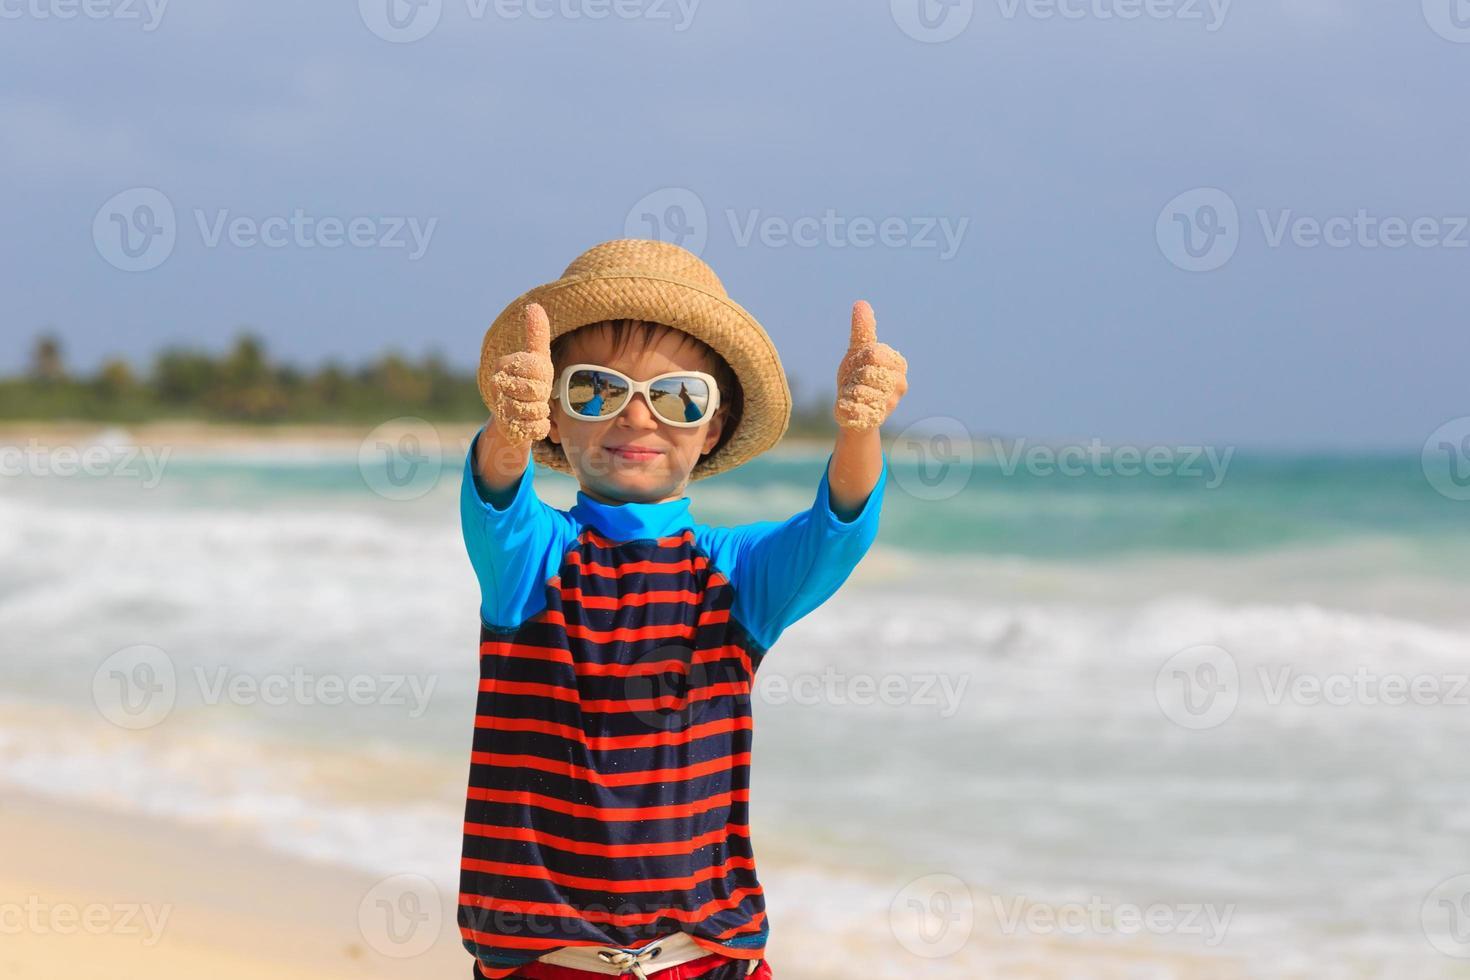 ragazzino pollice in alto sulla spiaggia estiva foto